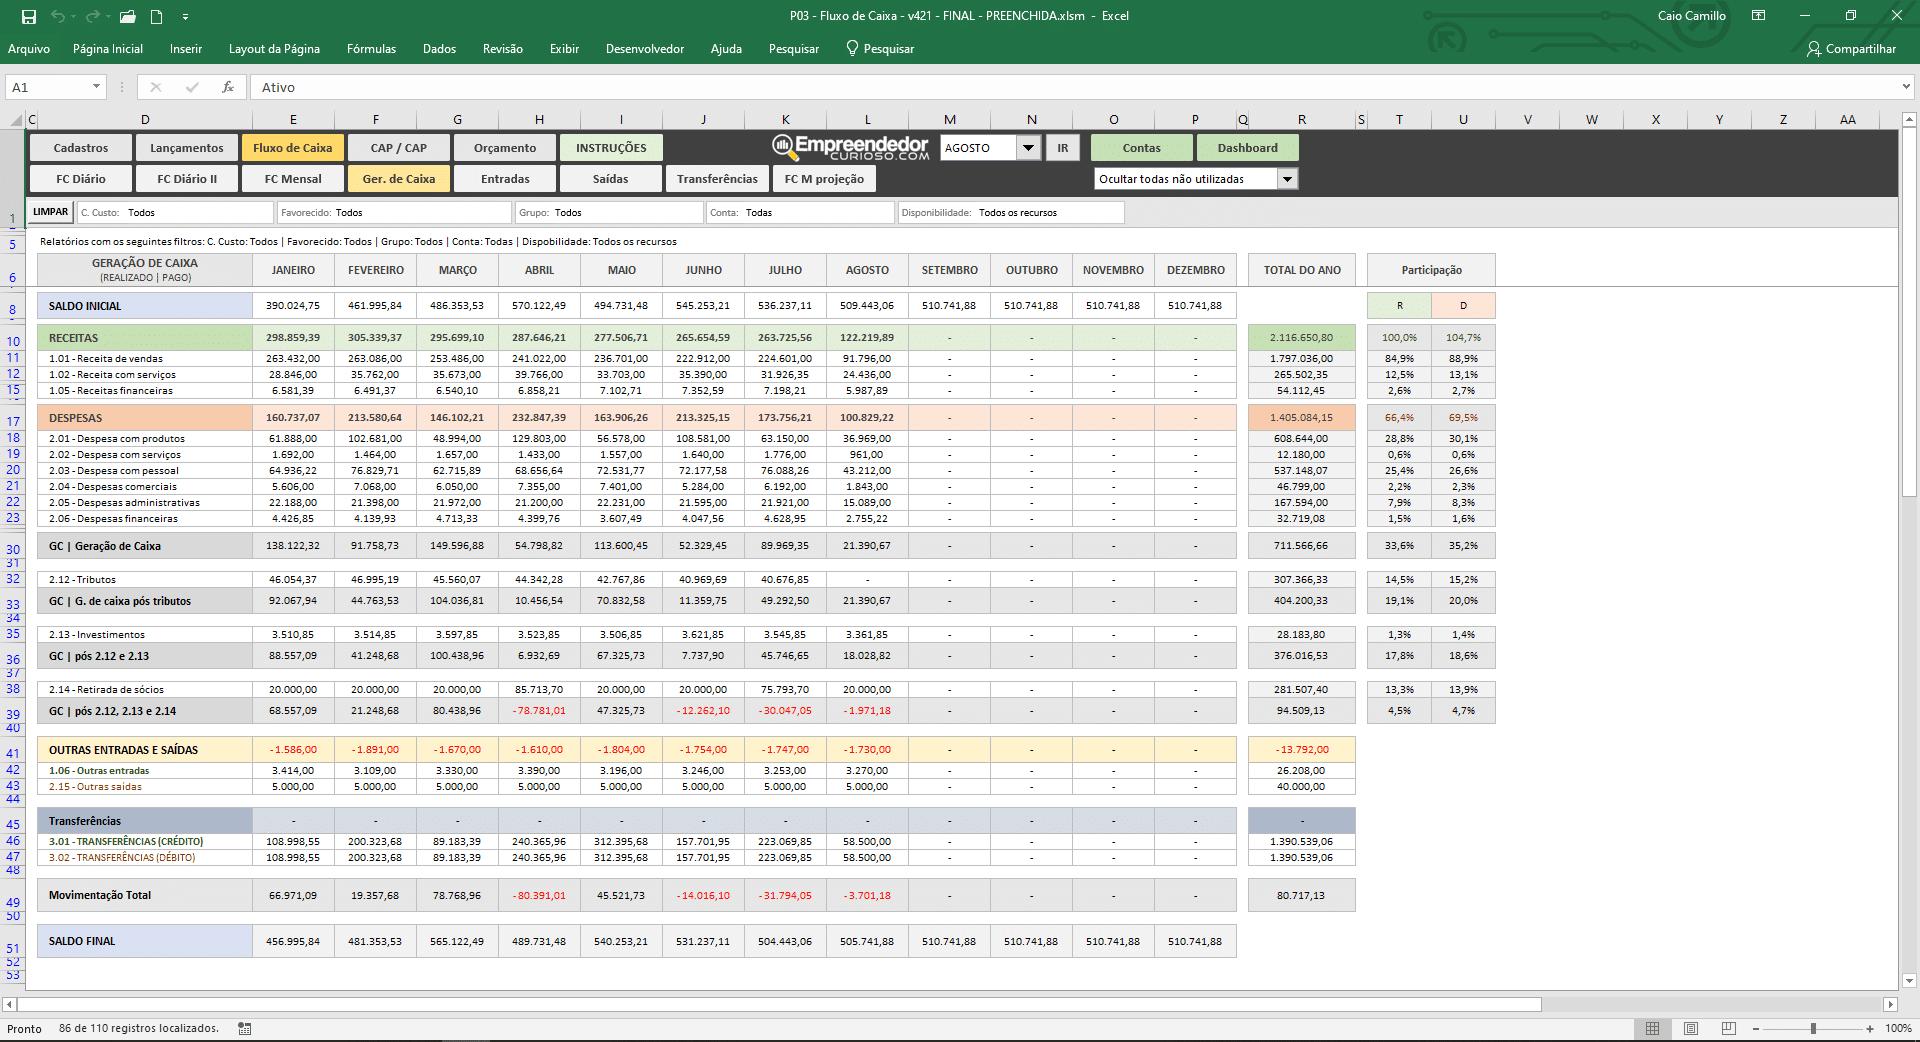 planilha de fluxo de caixa, controle financeiro - Fluxo mensal